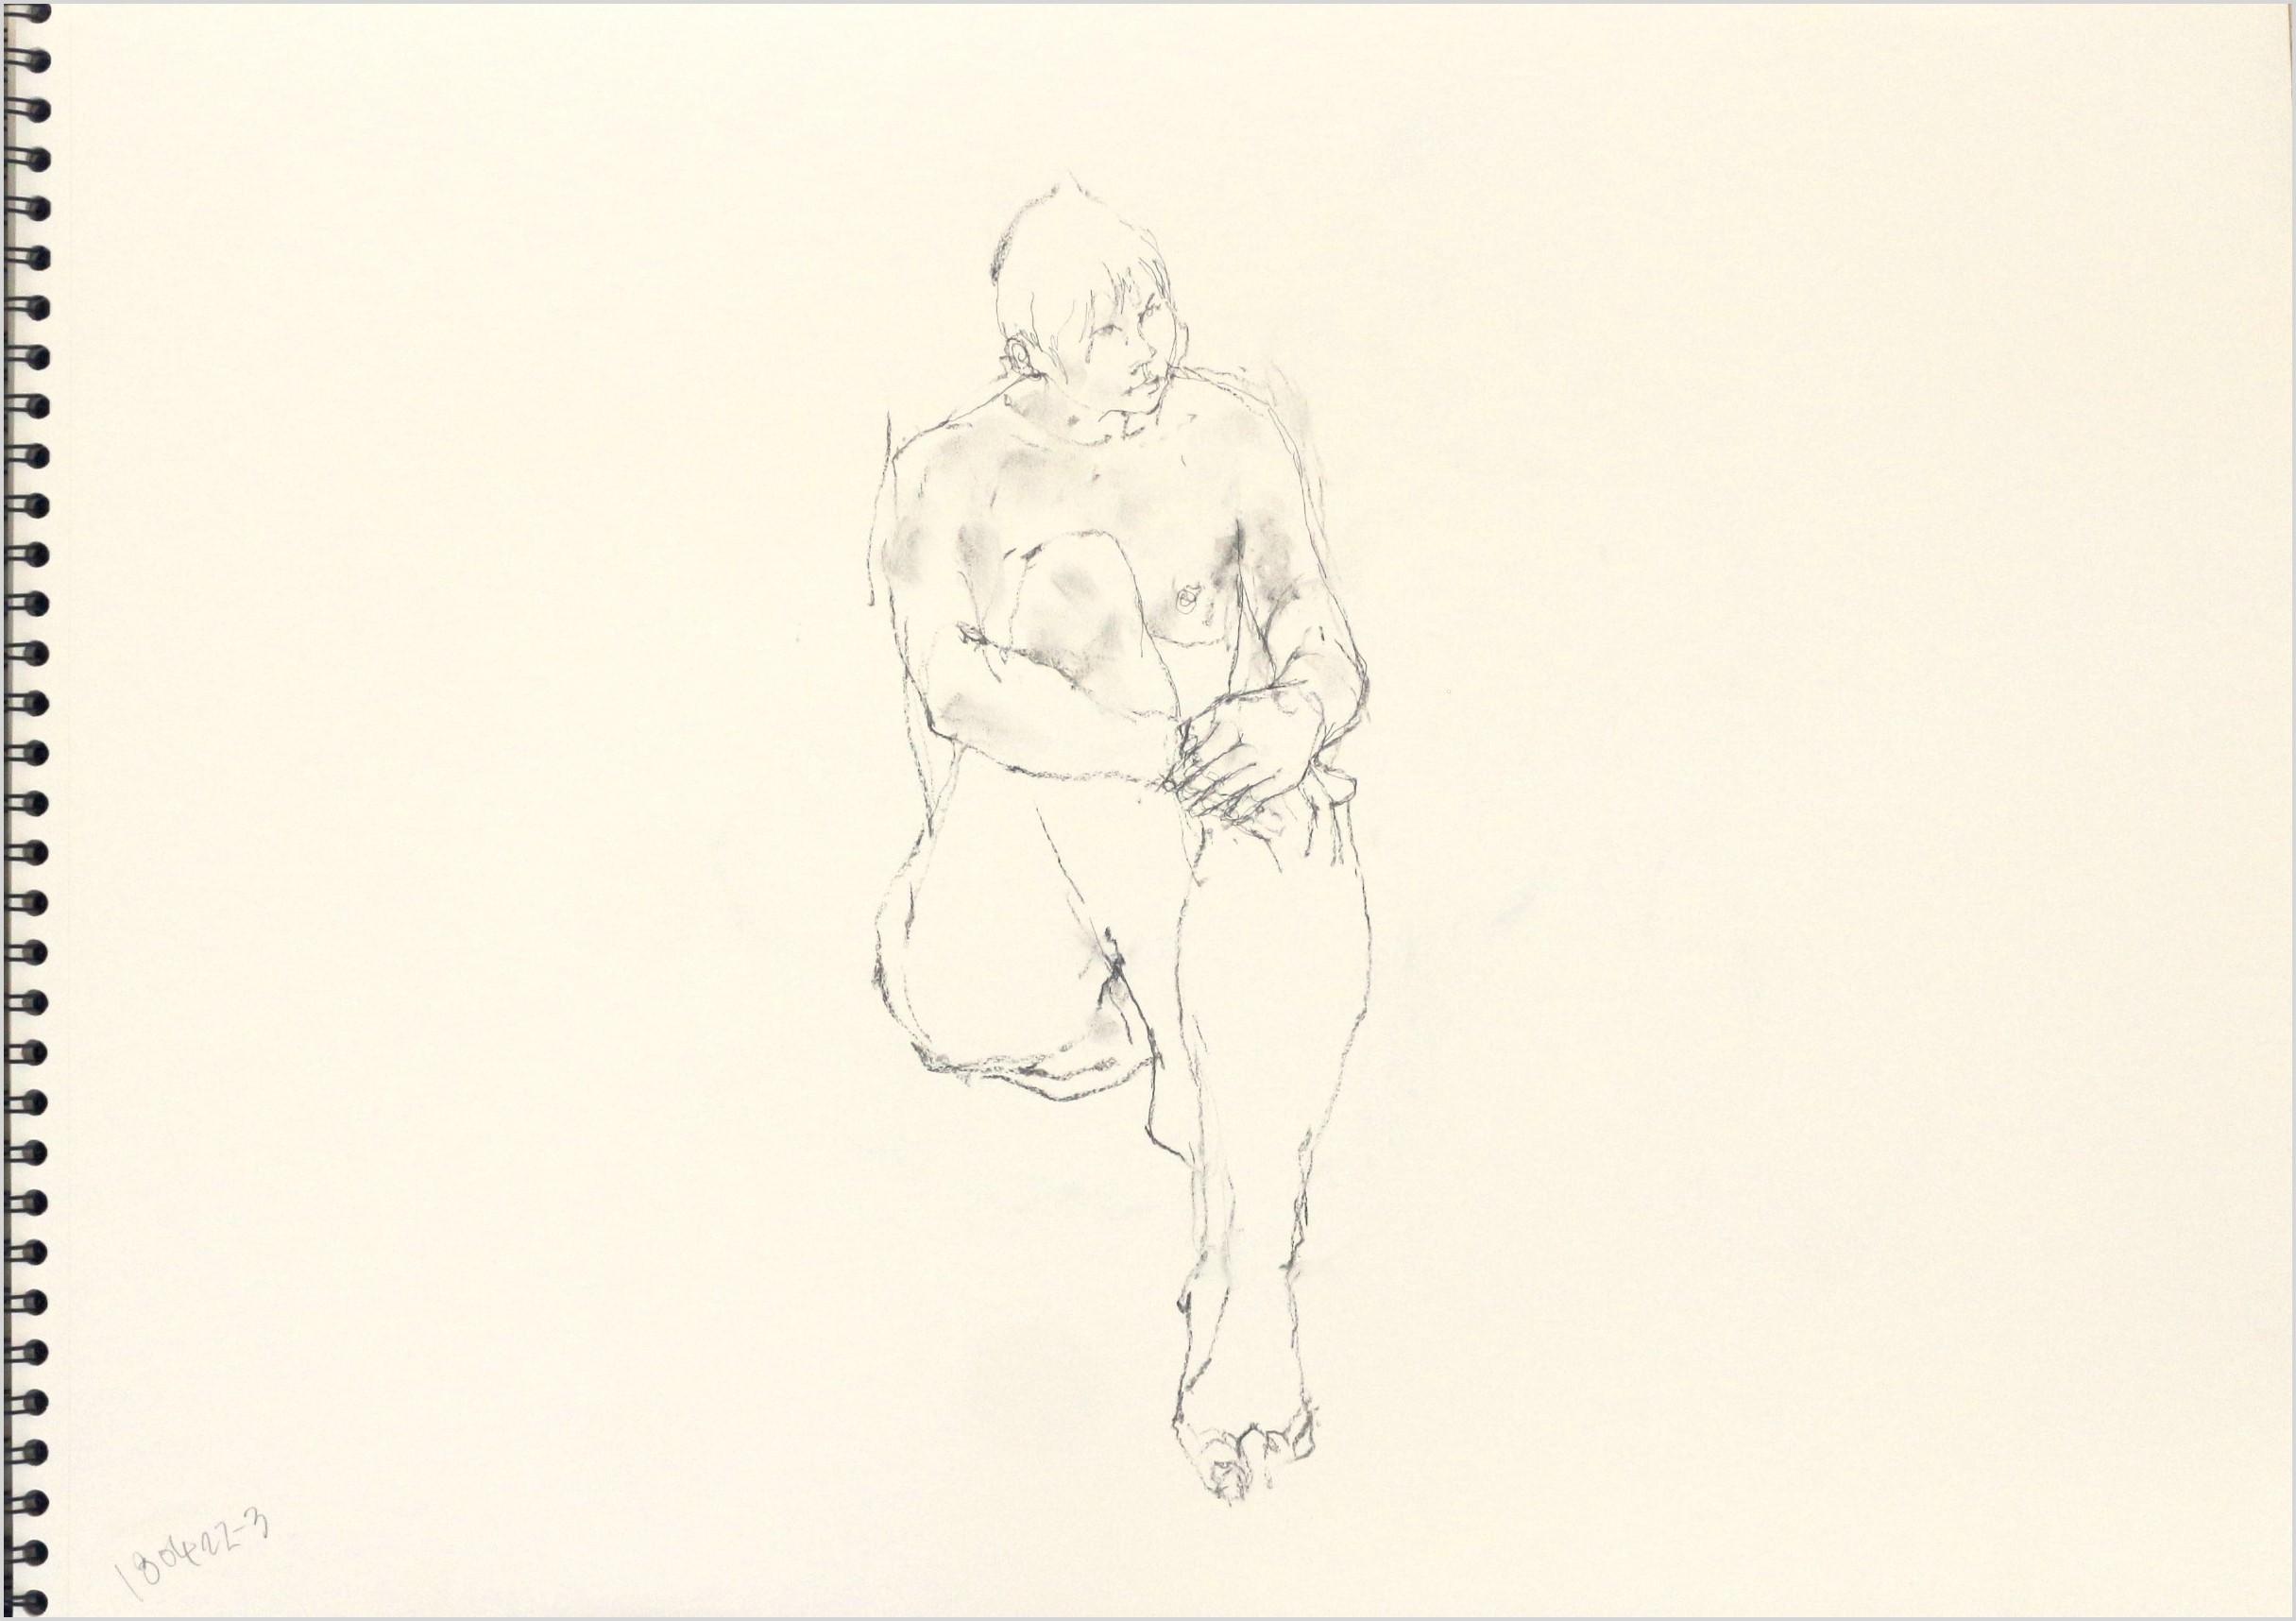 《 「四月卯月裸婦素描」4 》_f0159856_08591343.jpg